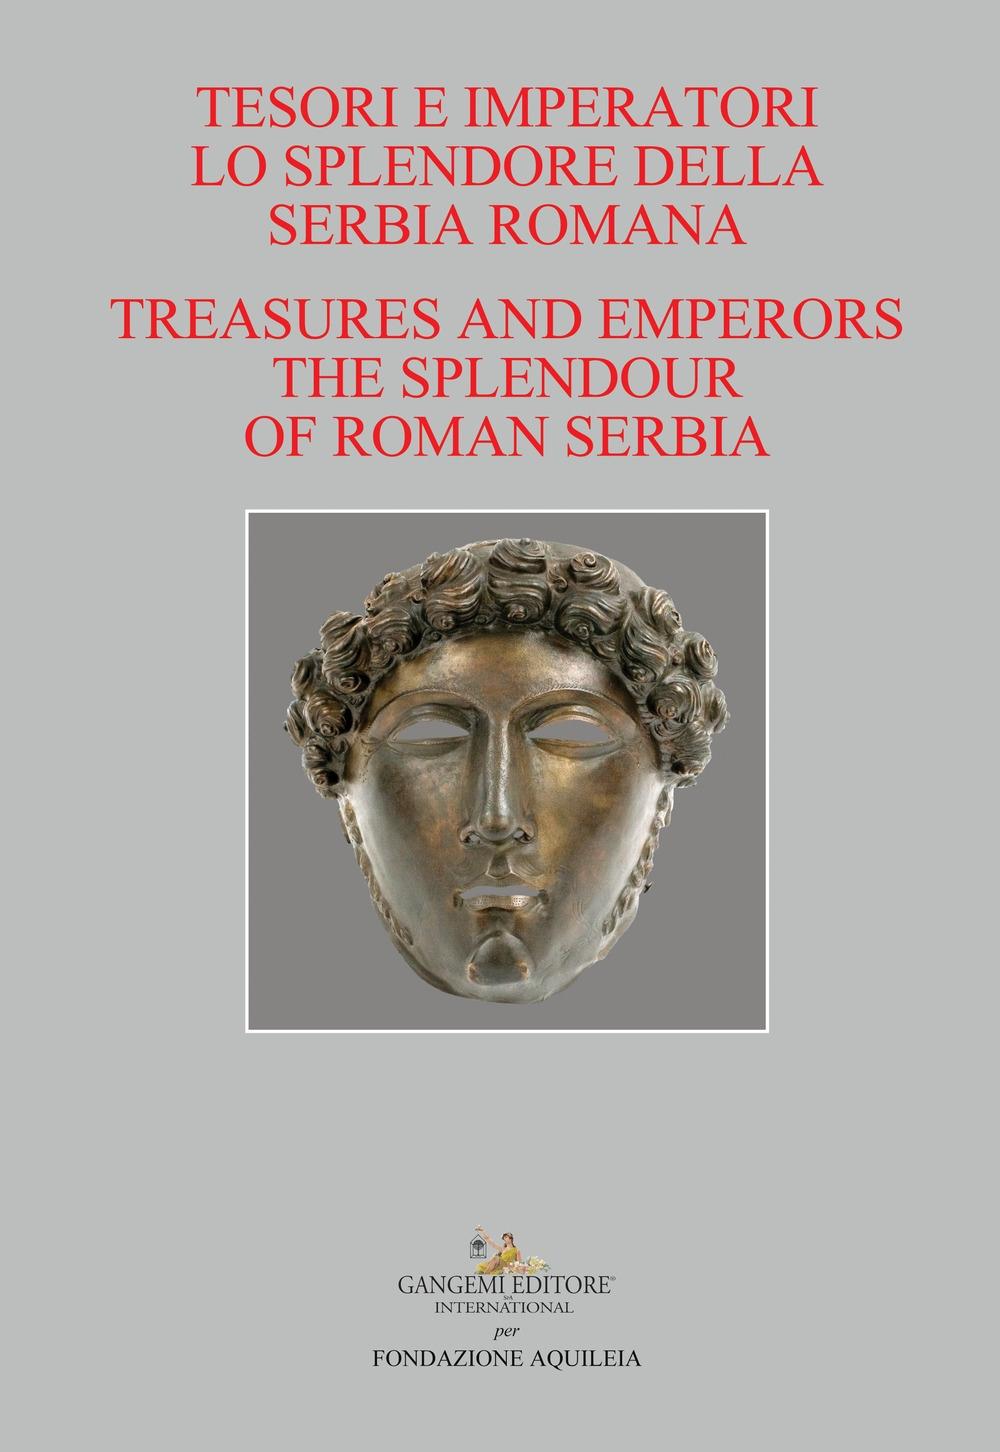 Tesori e Imperatori. Lo Splendore della Serbia Romana. Treasures and Emperors. The Splendour of Roman Serbia